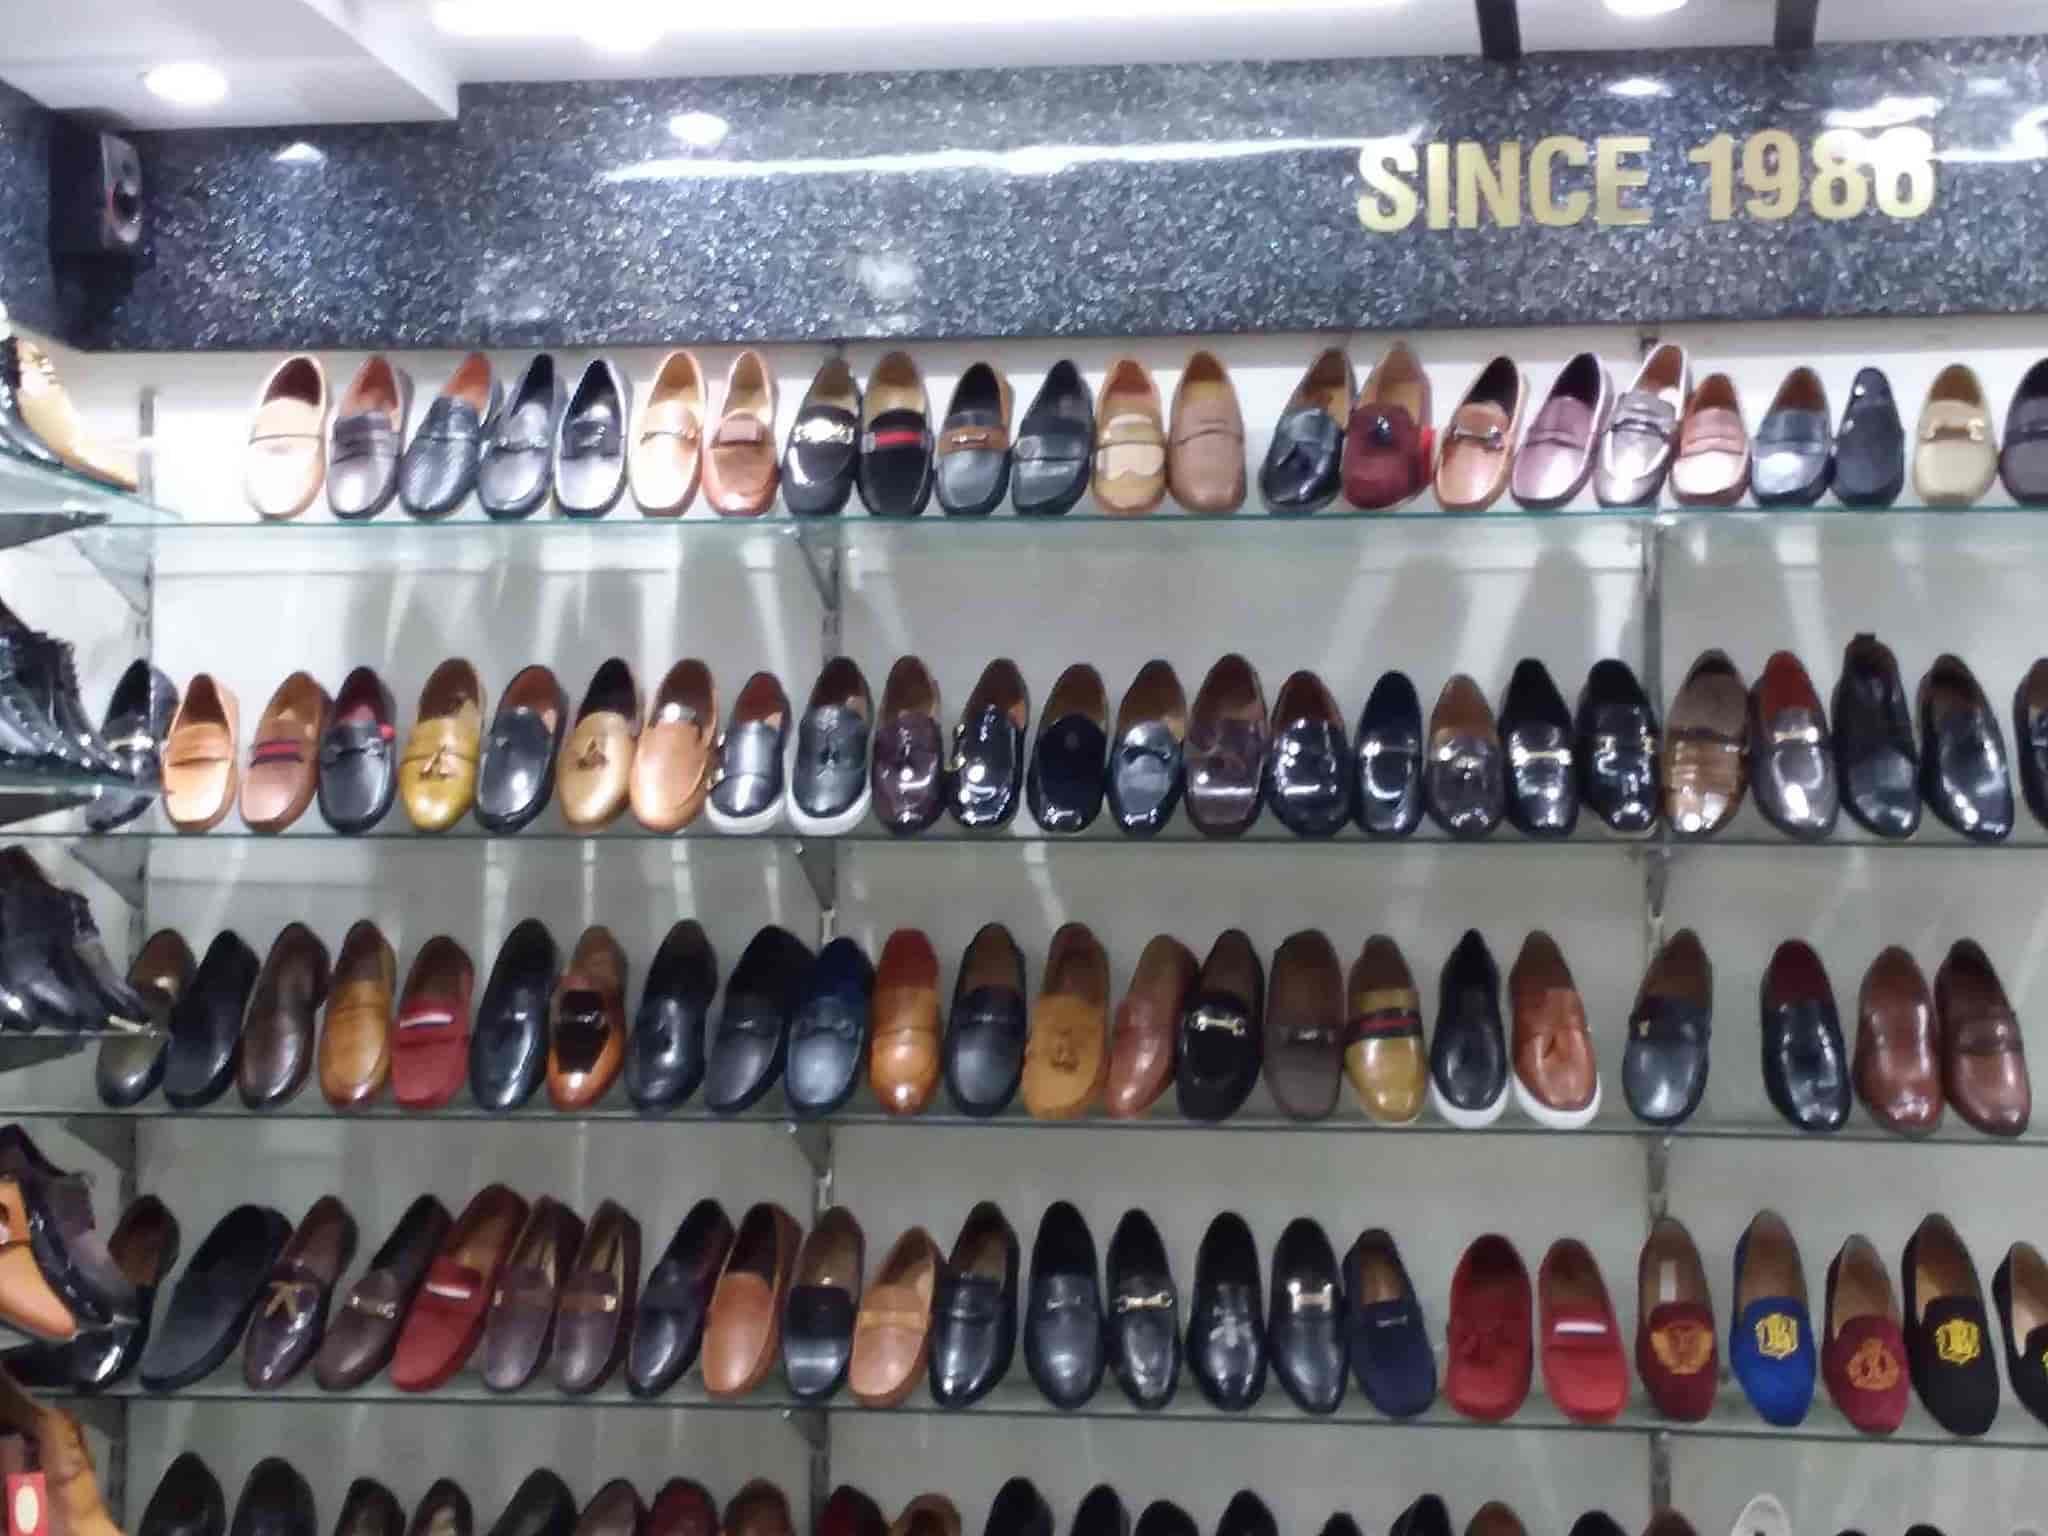 a0f2ae8d9d Shoe Factory, Tilak Nagar - Shoe Dealers in Delhi - Justdial